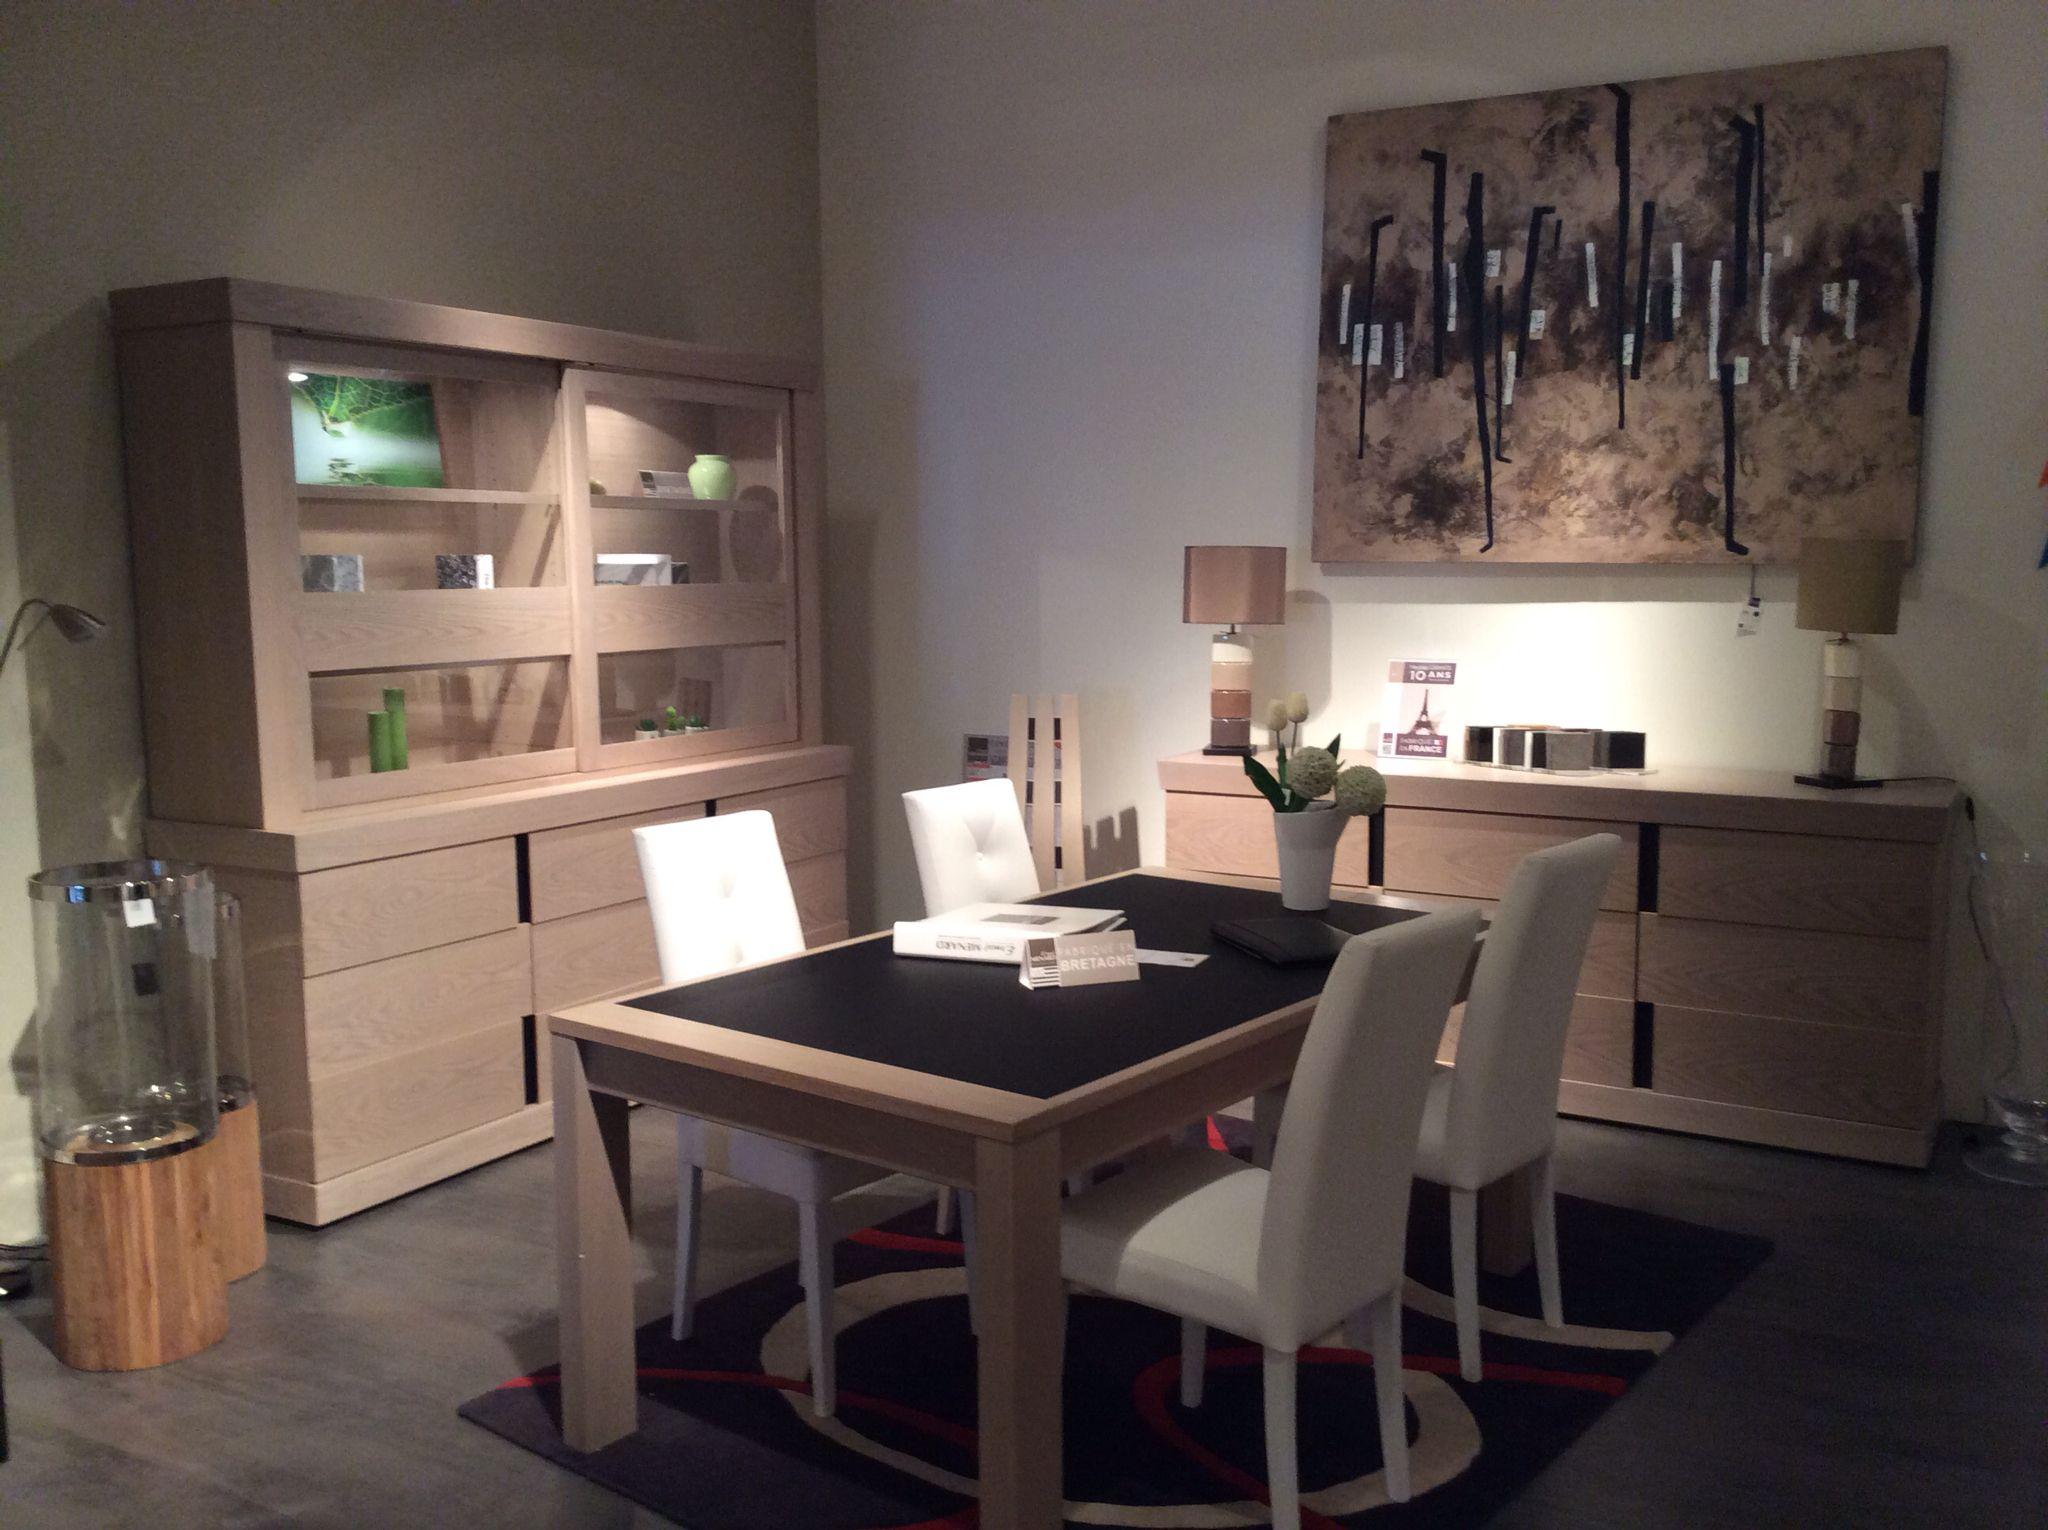 Vancouver meubles ernest m nard fabriqu s en bretagne monsieur meuble pinterest - Meuble ernest menard occasion ...